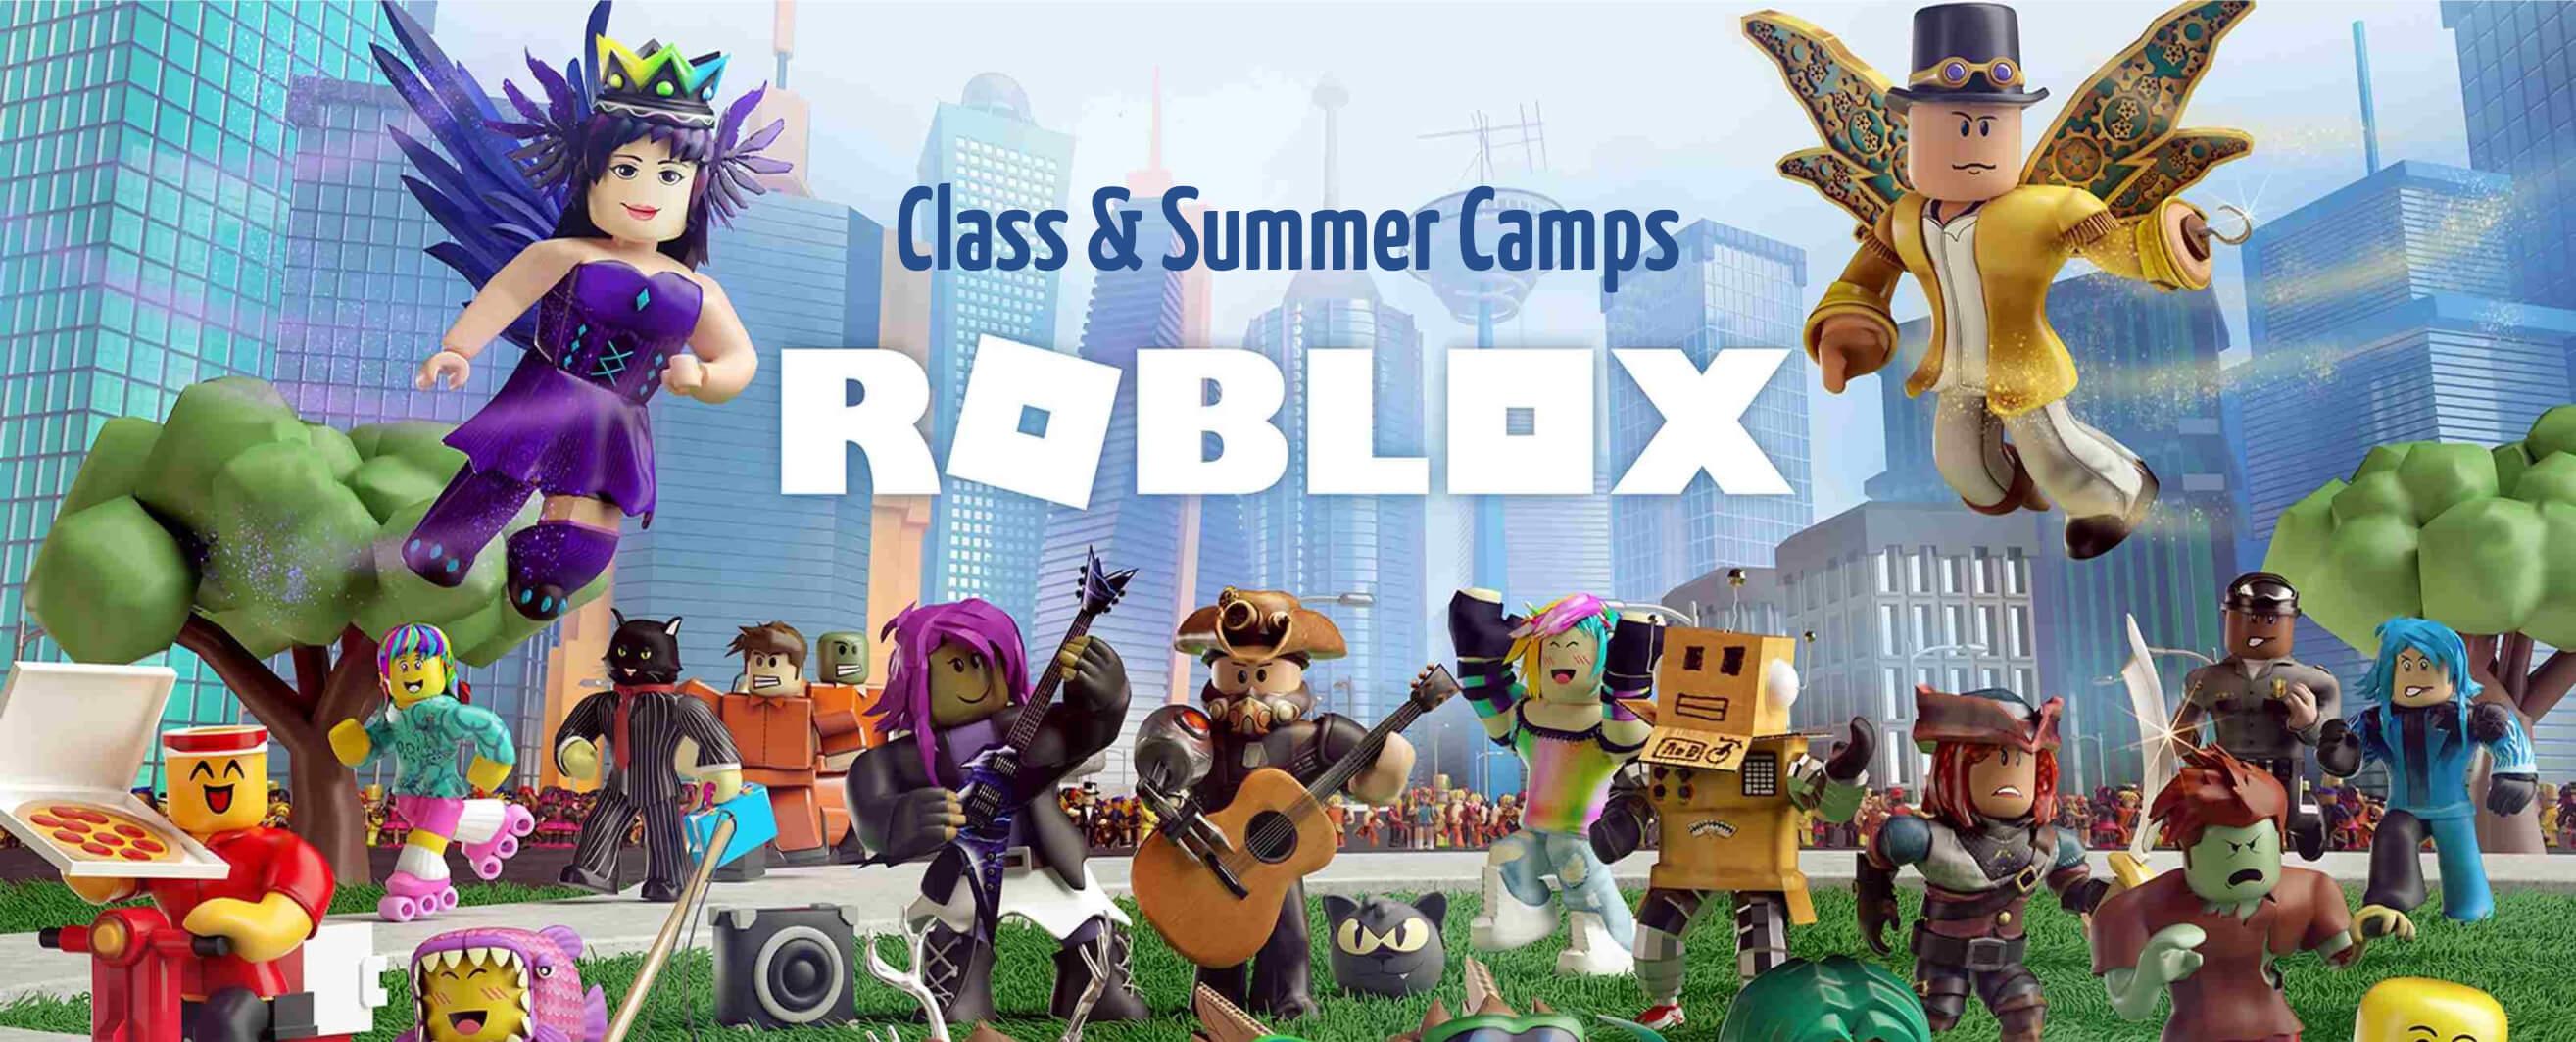 Class & Summer Camps